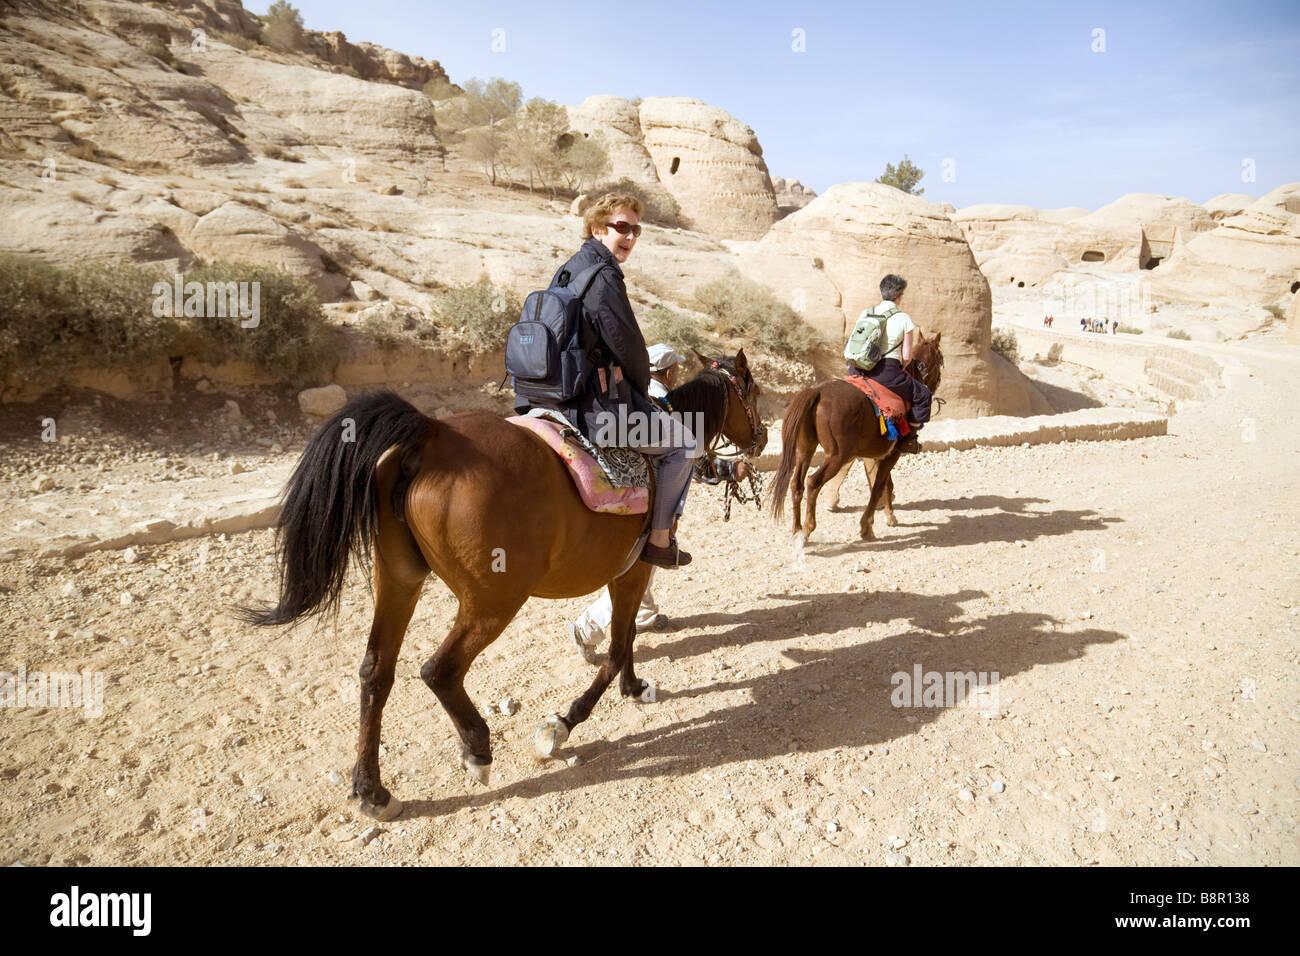 Los turistas a caballo en Petra, Jordania, Oriente Medio Imagen De Stock